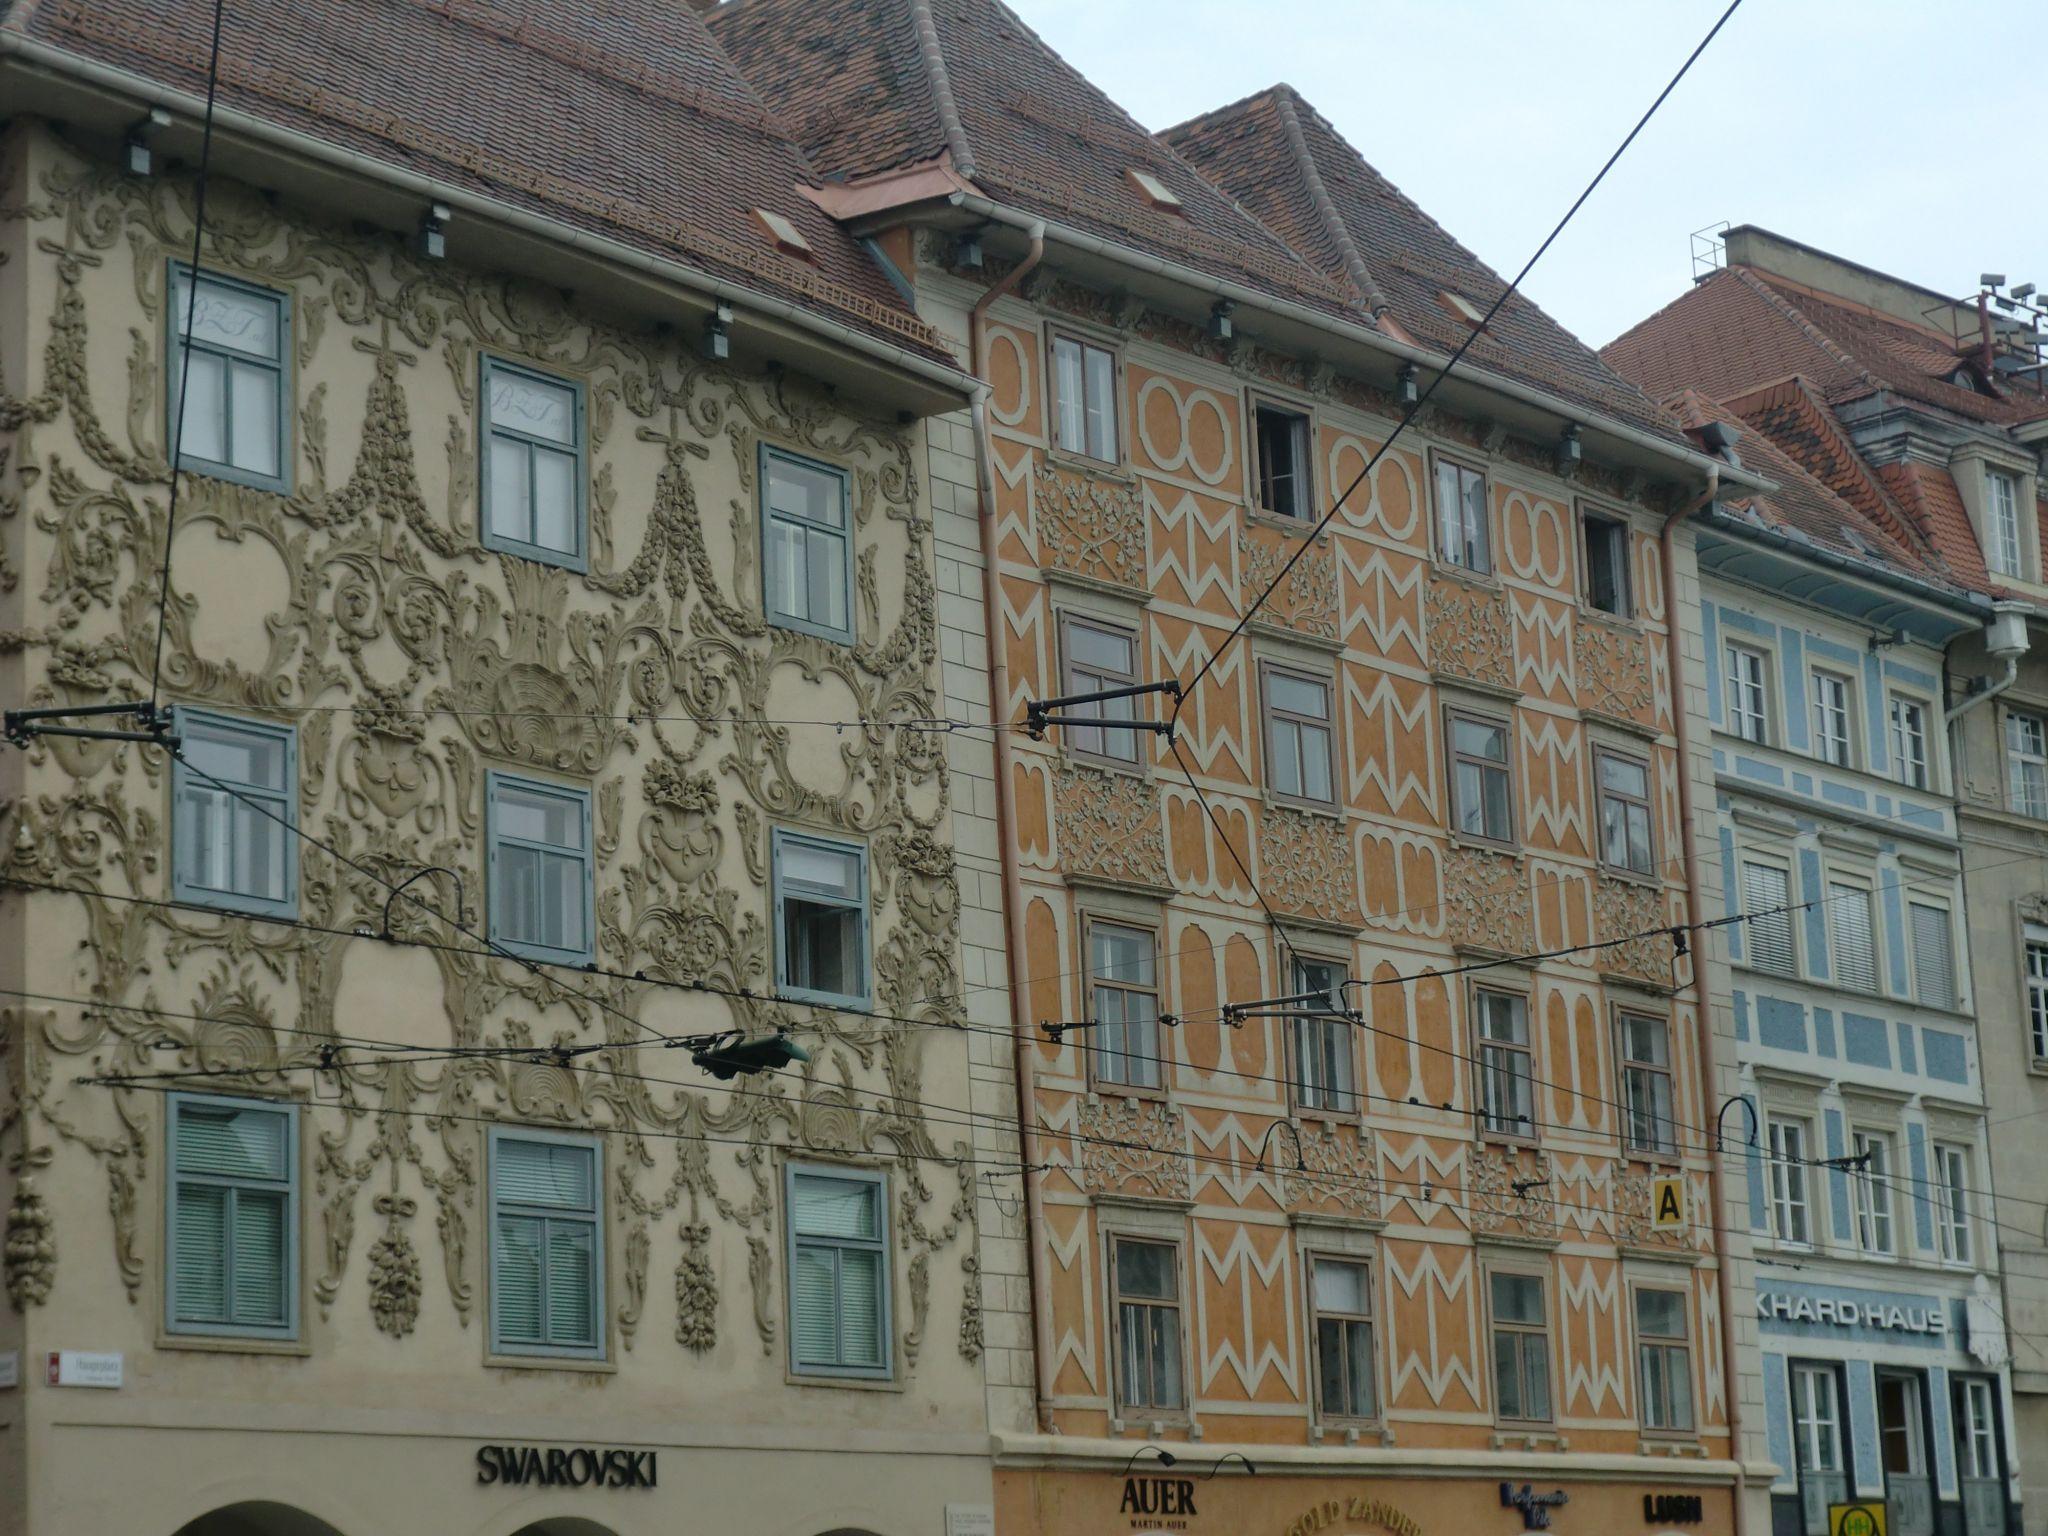 Graz square 8 - Graz: tradition and modernity